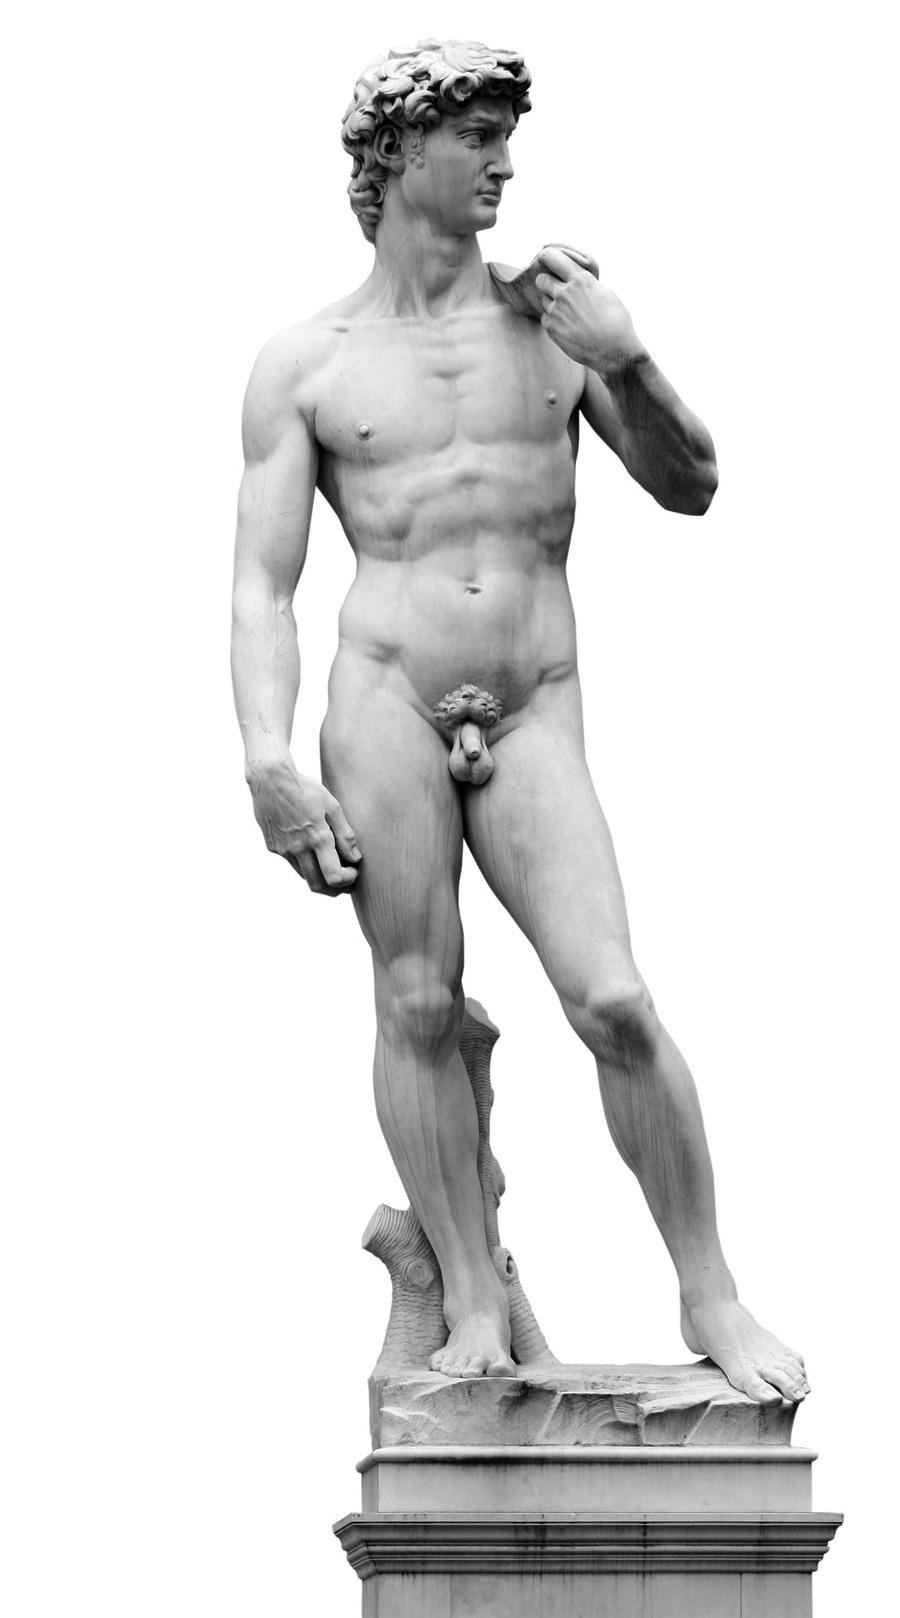 david marmor